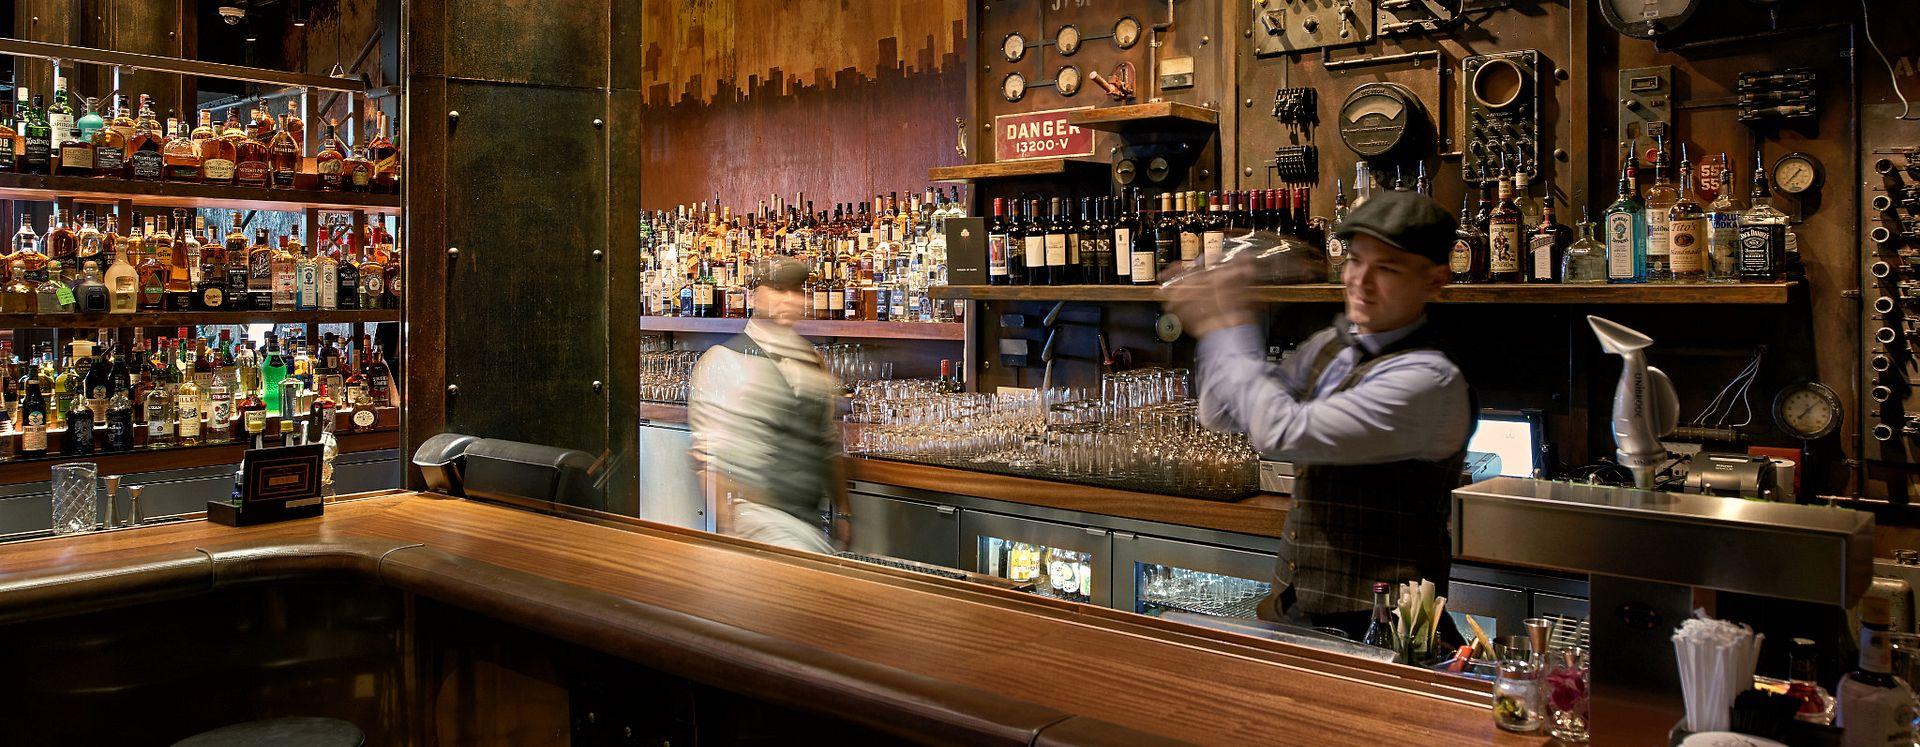 Bar bartender mixing drinks behind bar at The Edison at Disney Springs